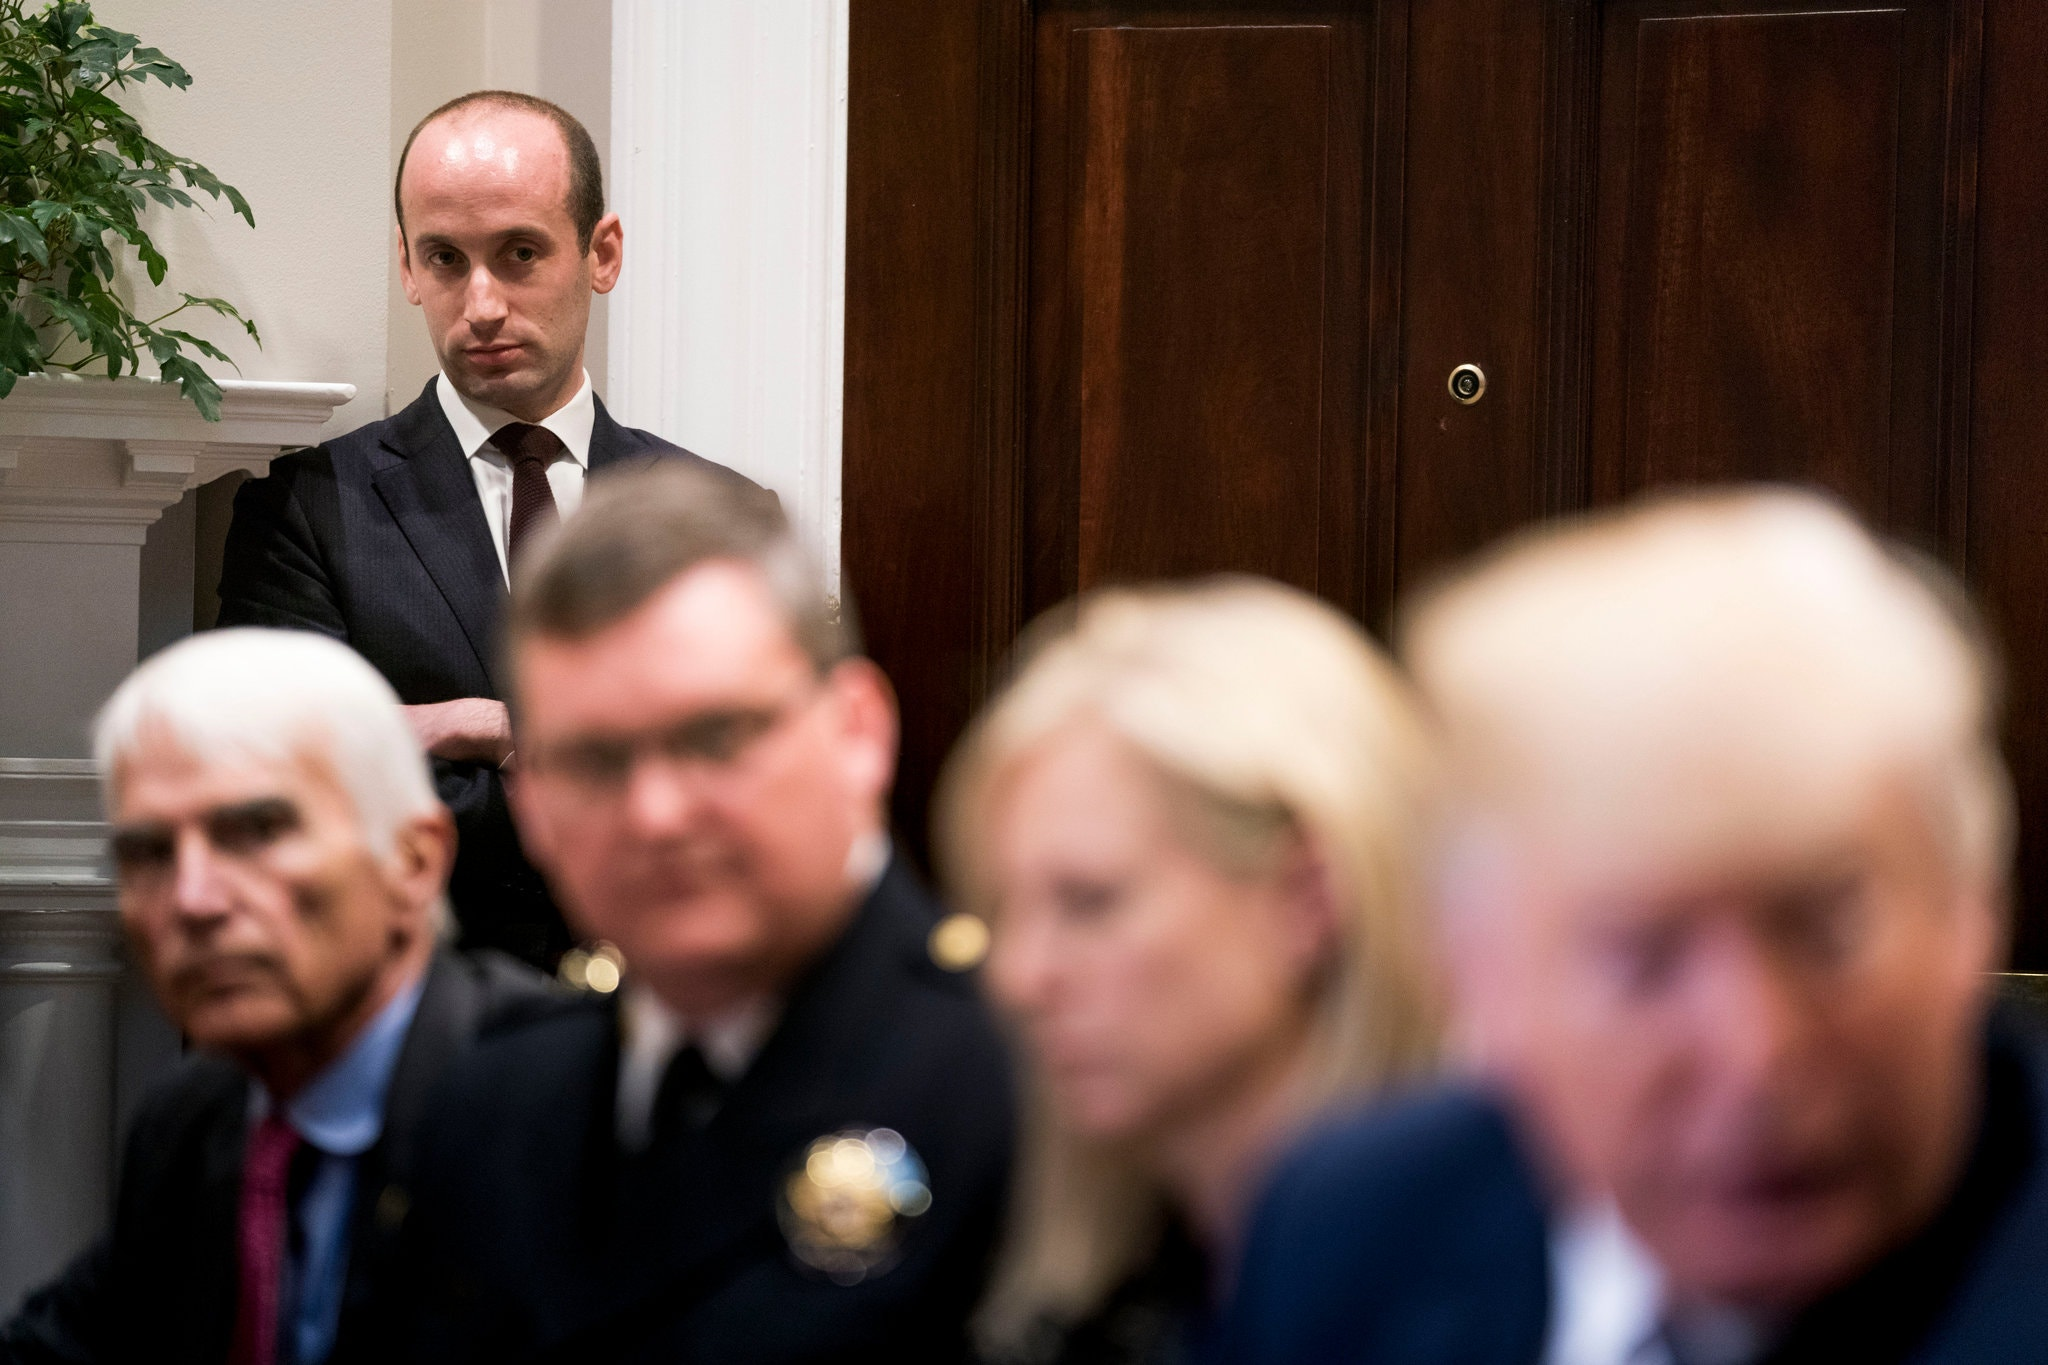 Portrait de Stephen Miller, conseiller du Président des Etats-Unis en charge de l'immigration, à la Maison blanche.